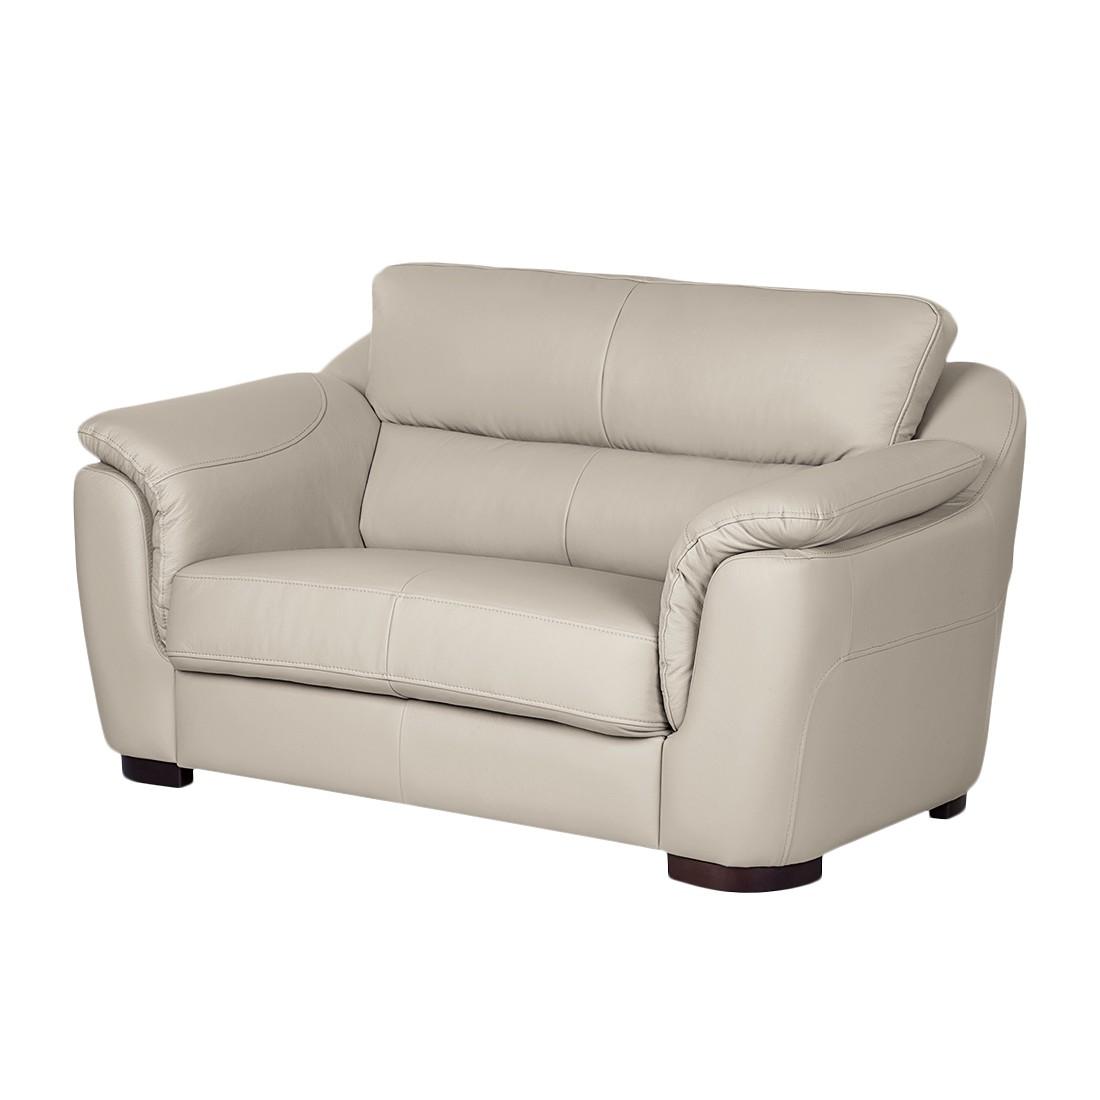 sofa capri 3 sitzer echtleder rot nuovoform g nstig. Black Bedroom Furniture Sets. Home Design Ideas